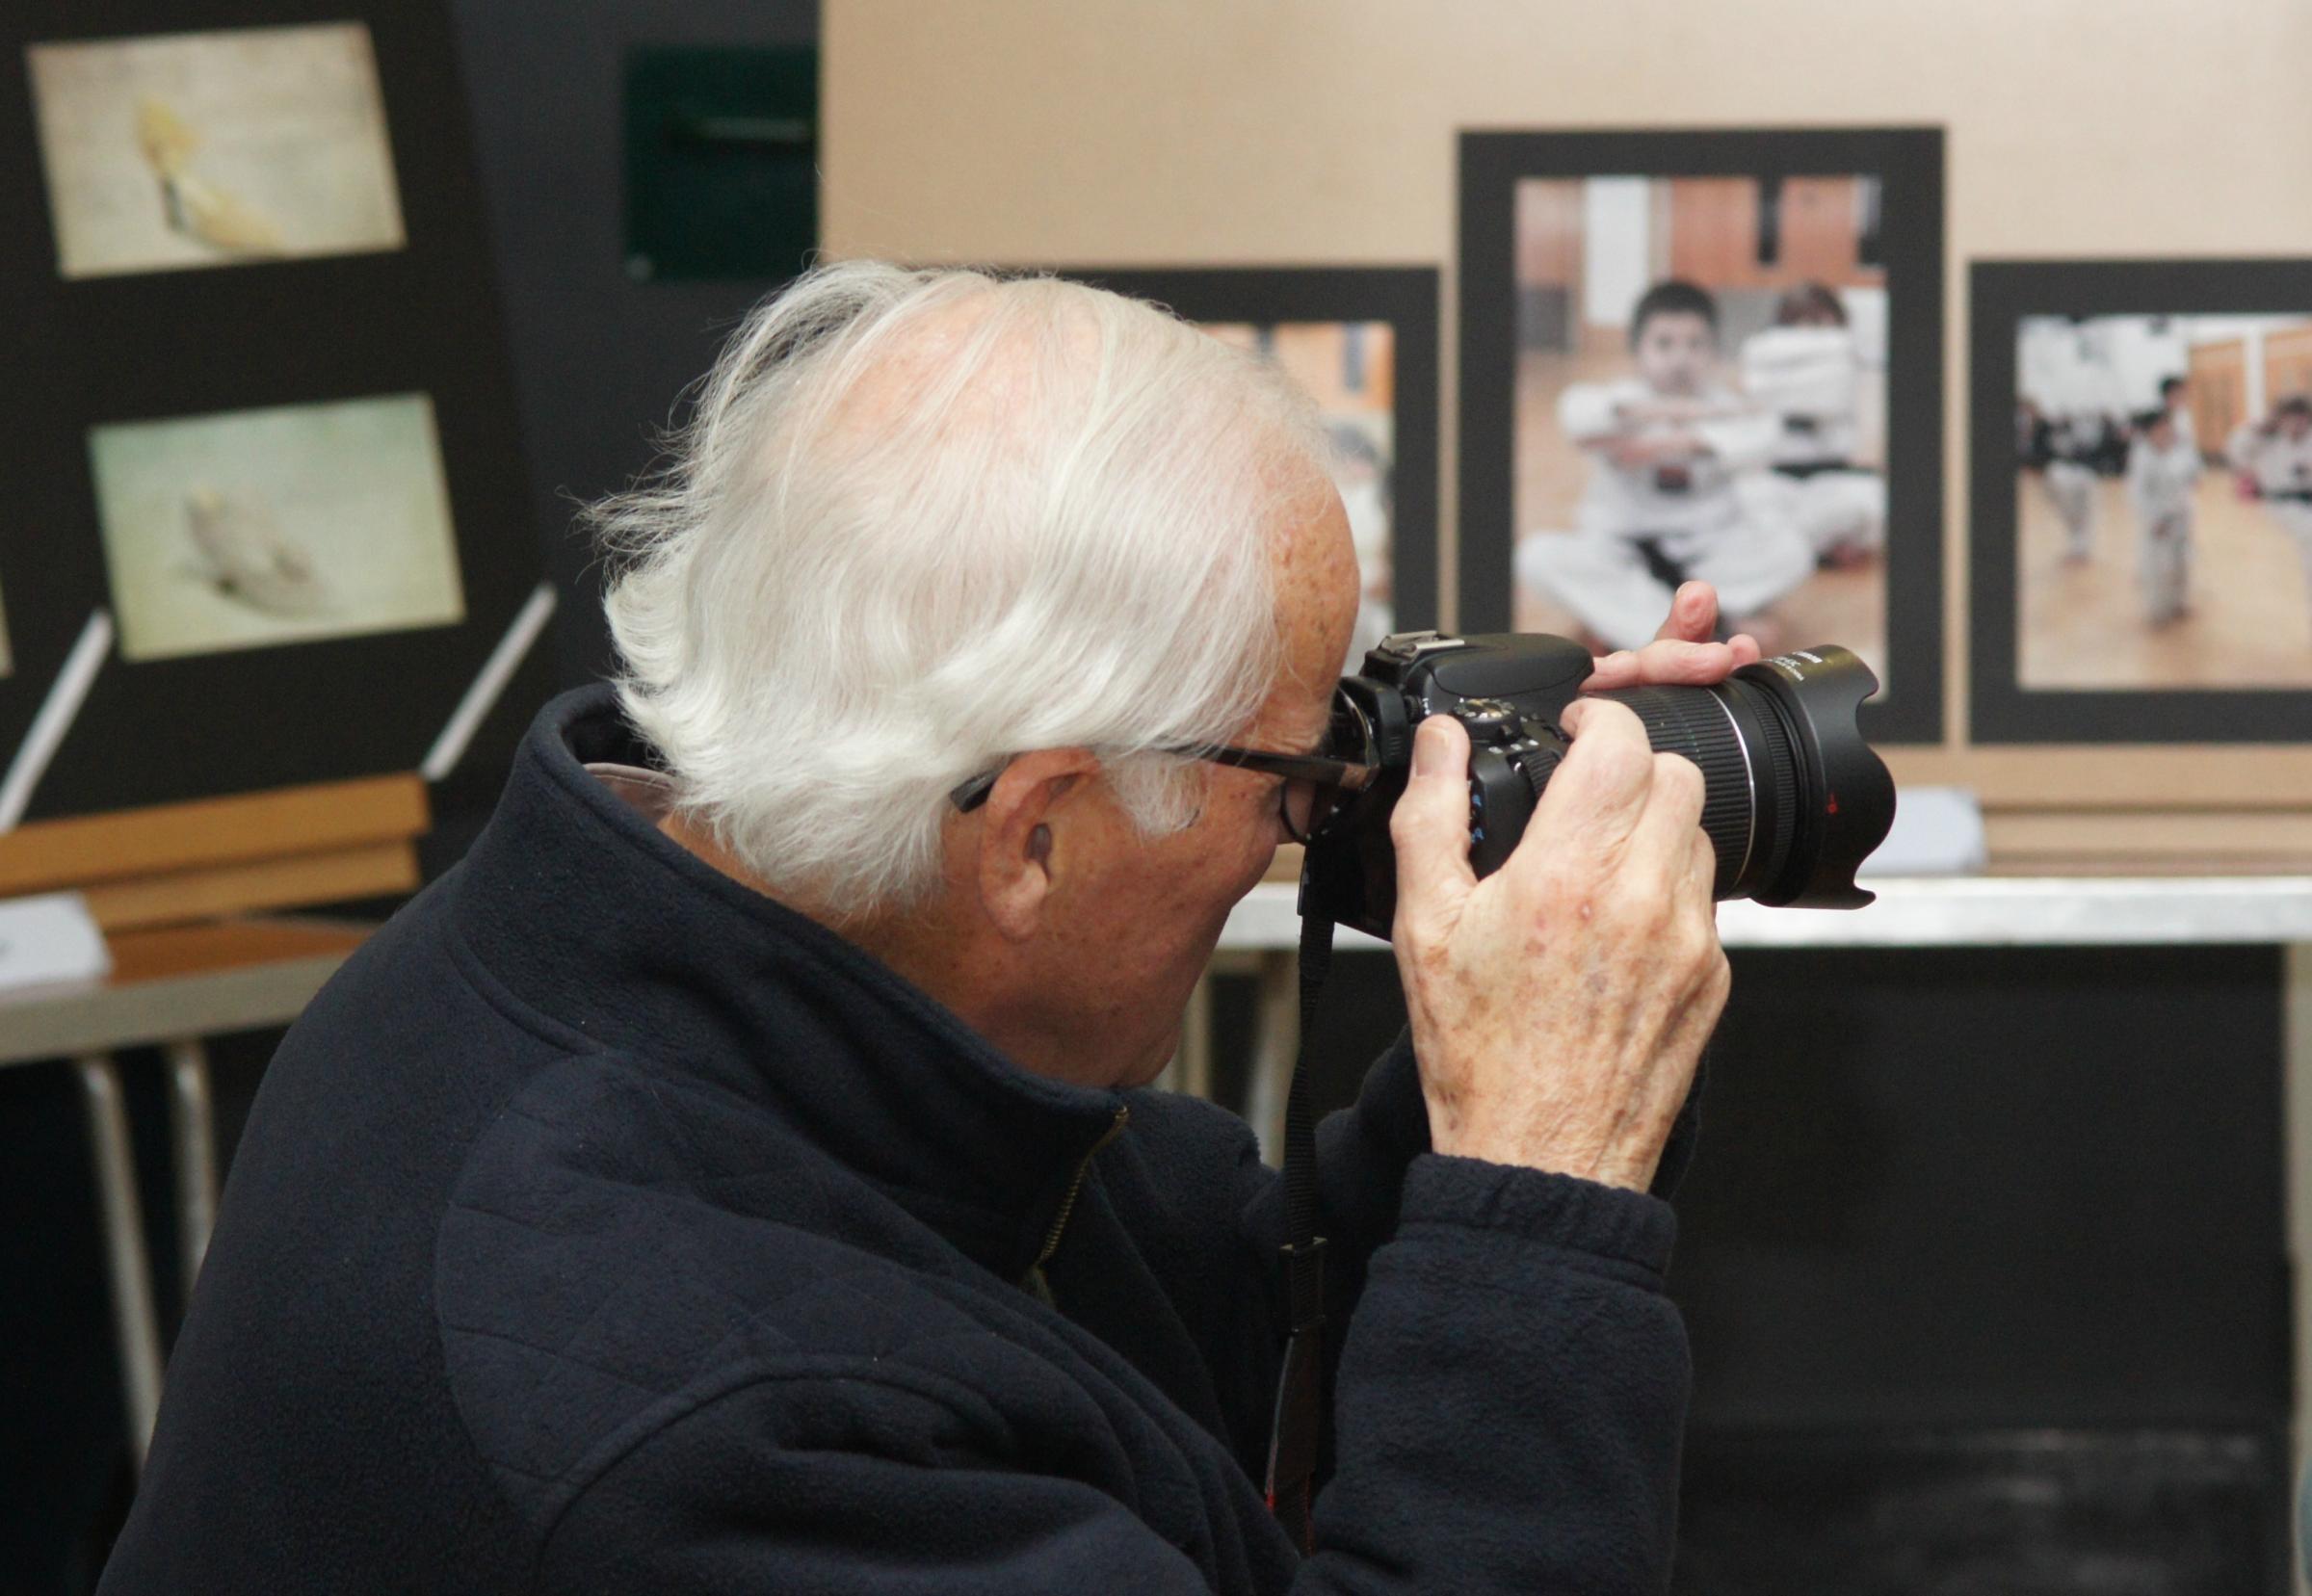 camera amateur for Amateur photographers clubs